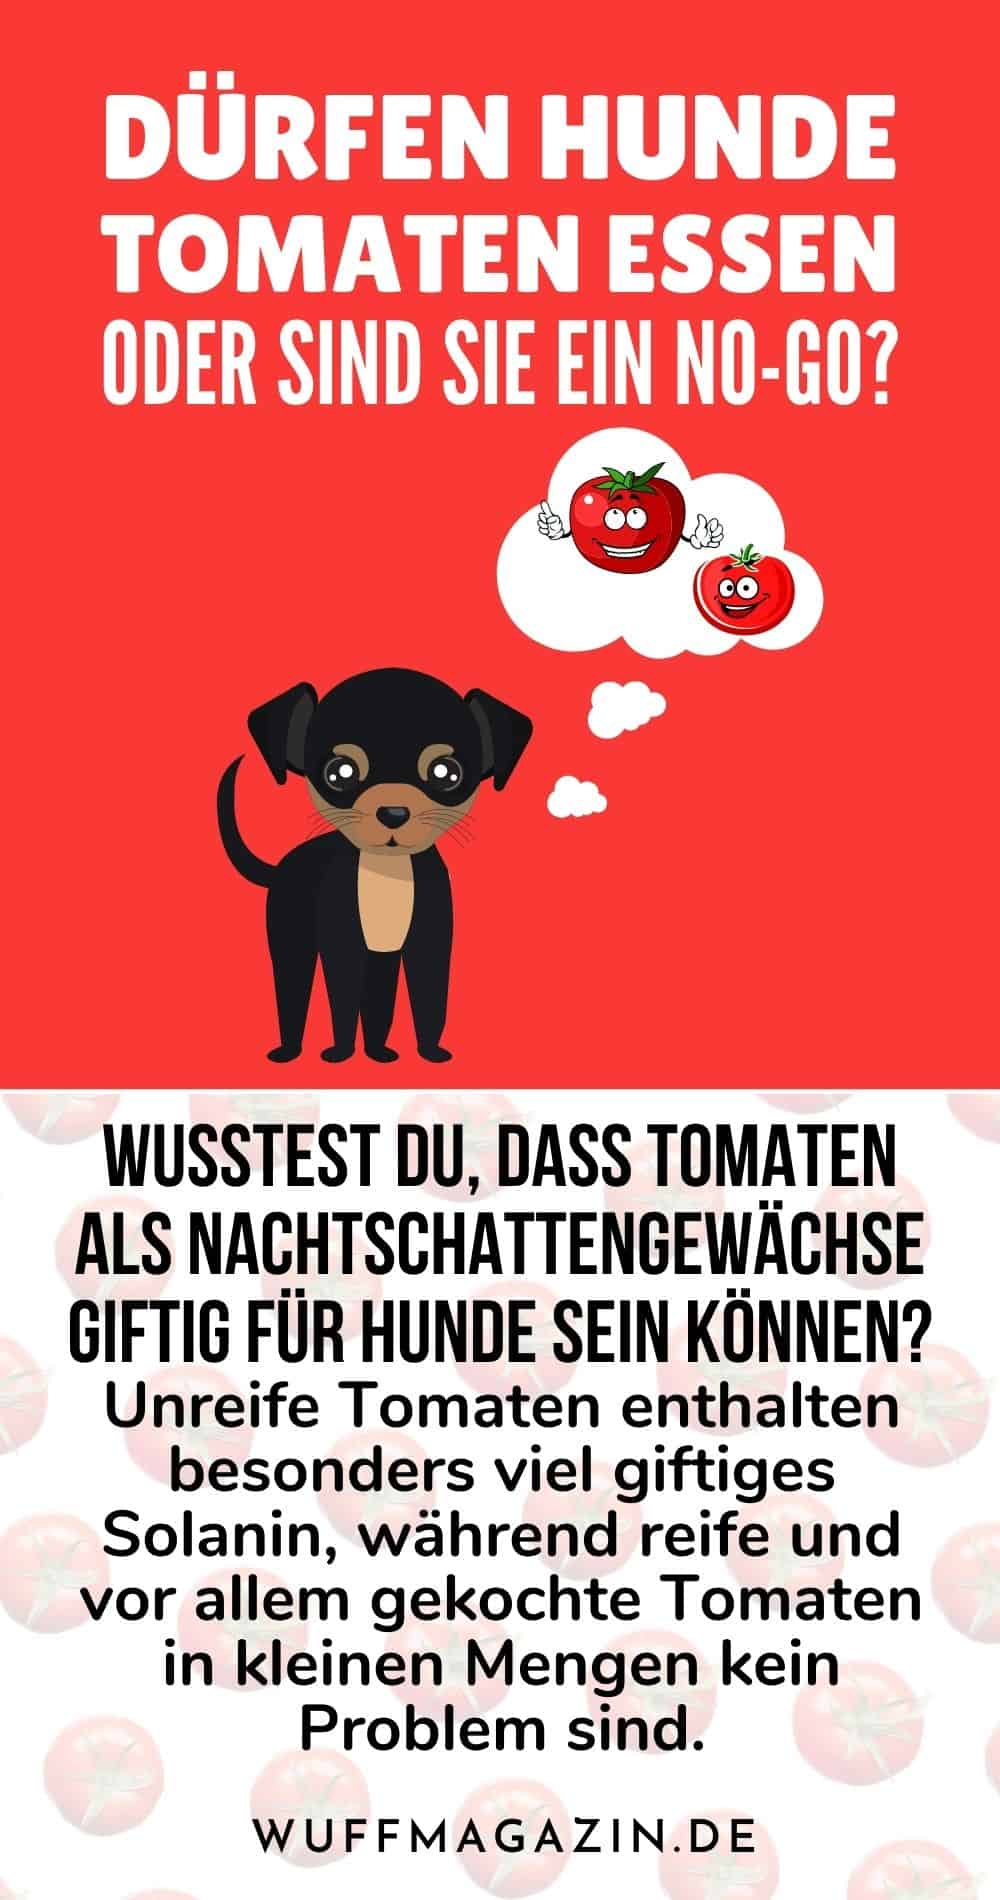 Dürfen Hunde Tomaten essen oder sind sie ein No-Go